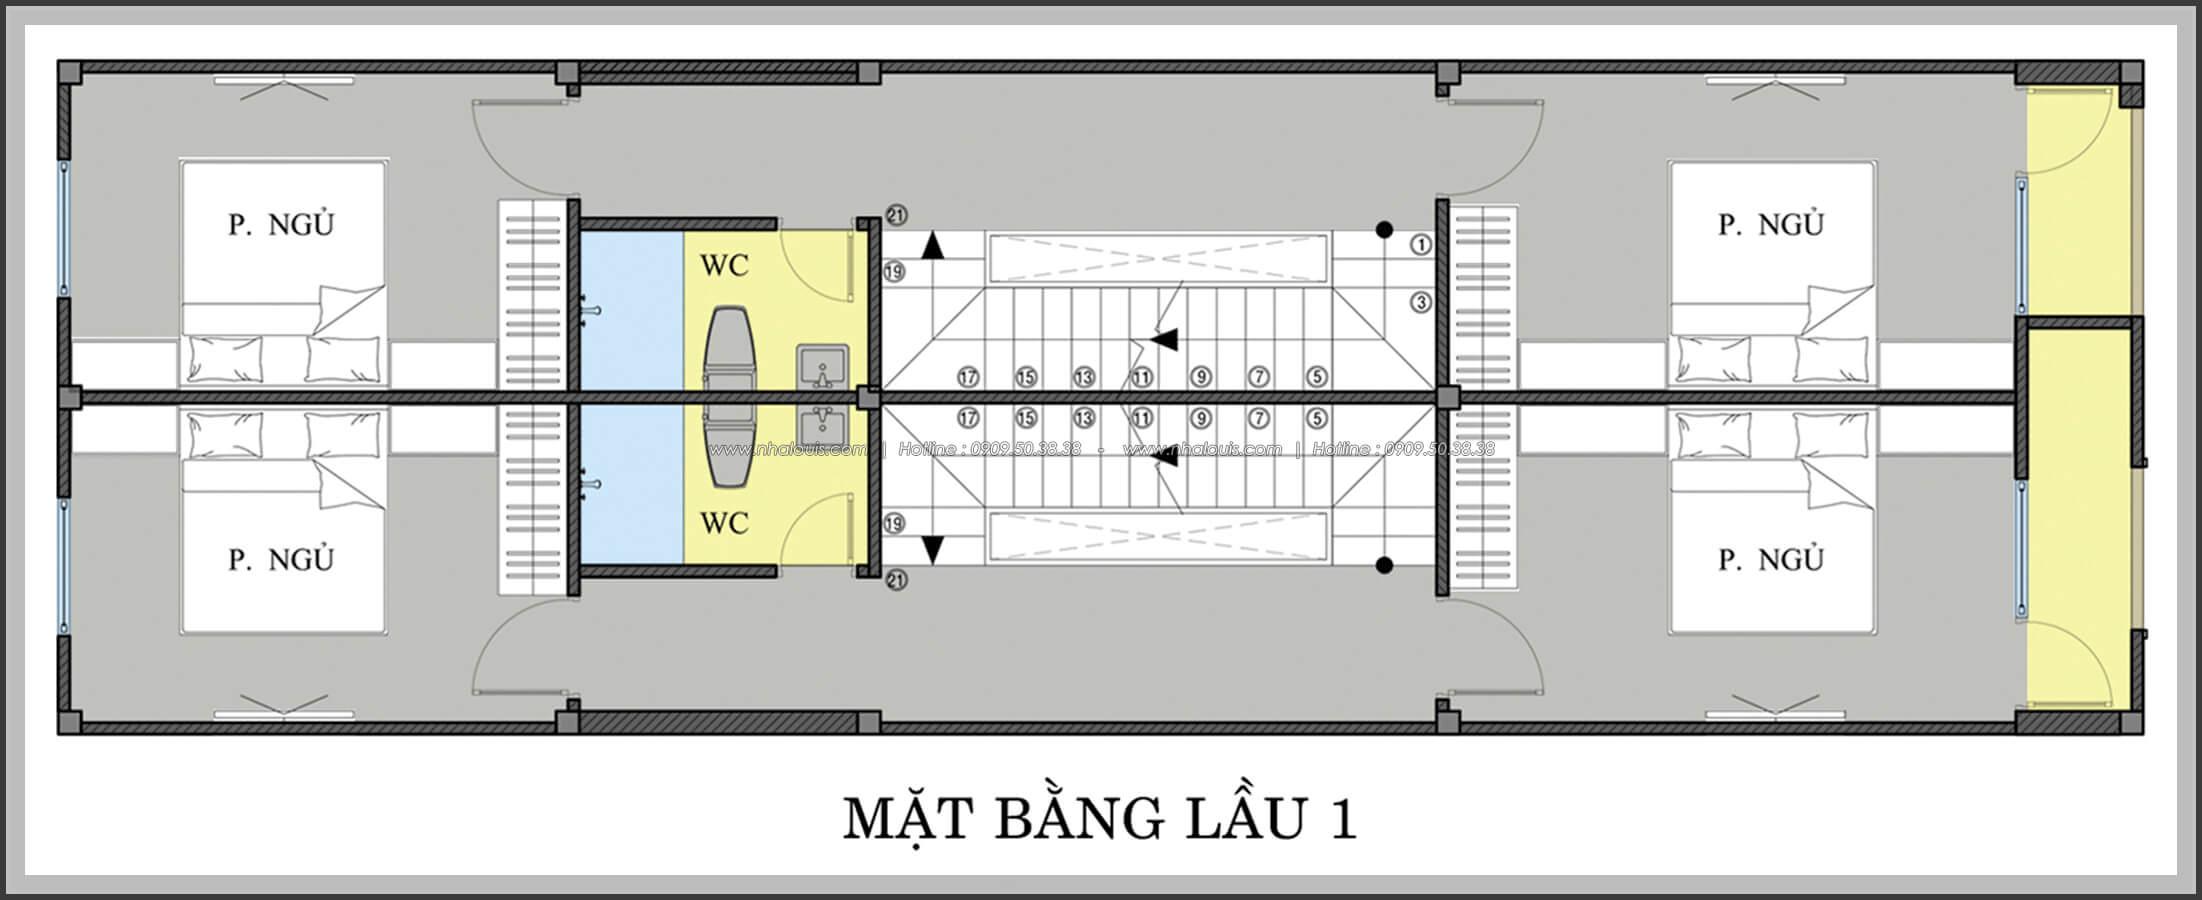 Mặt bằng lầu 1 Thiết kế nhà mặt tiền 6m tại Quận Bình Tân - 11